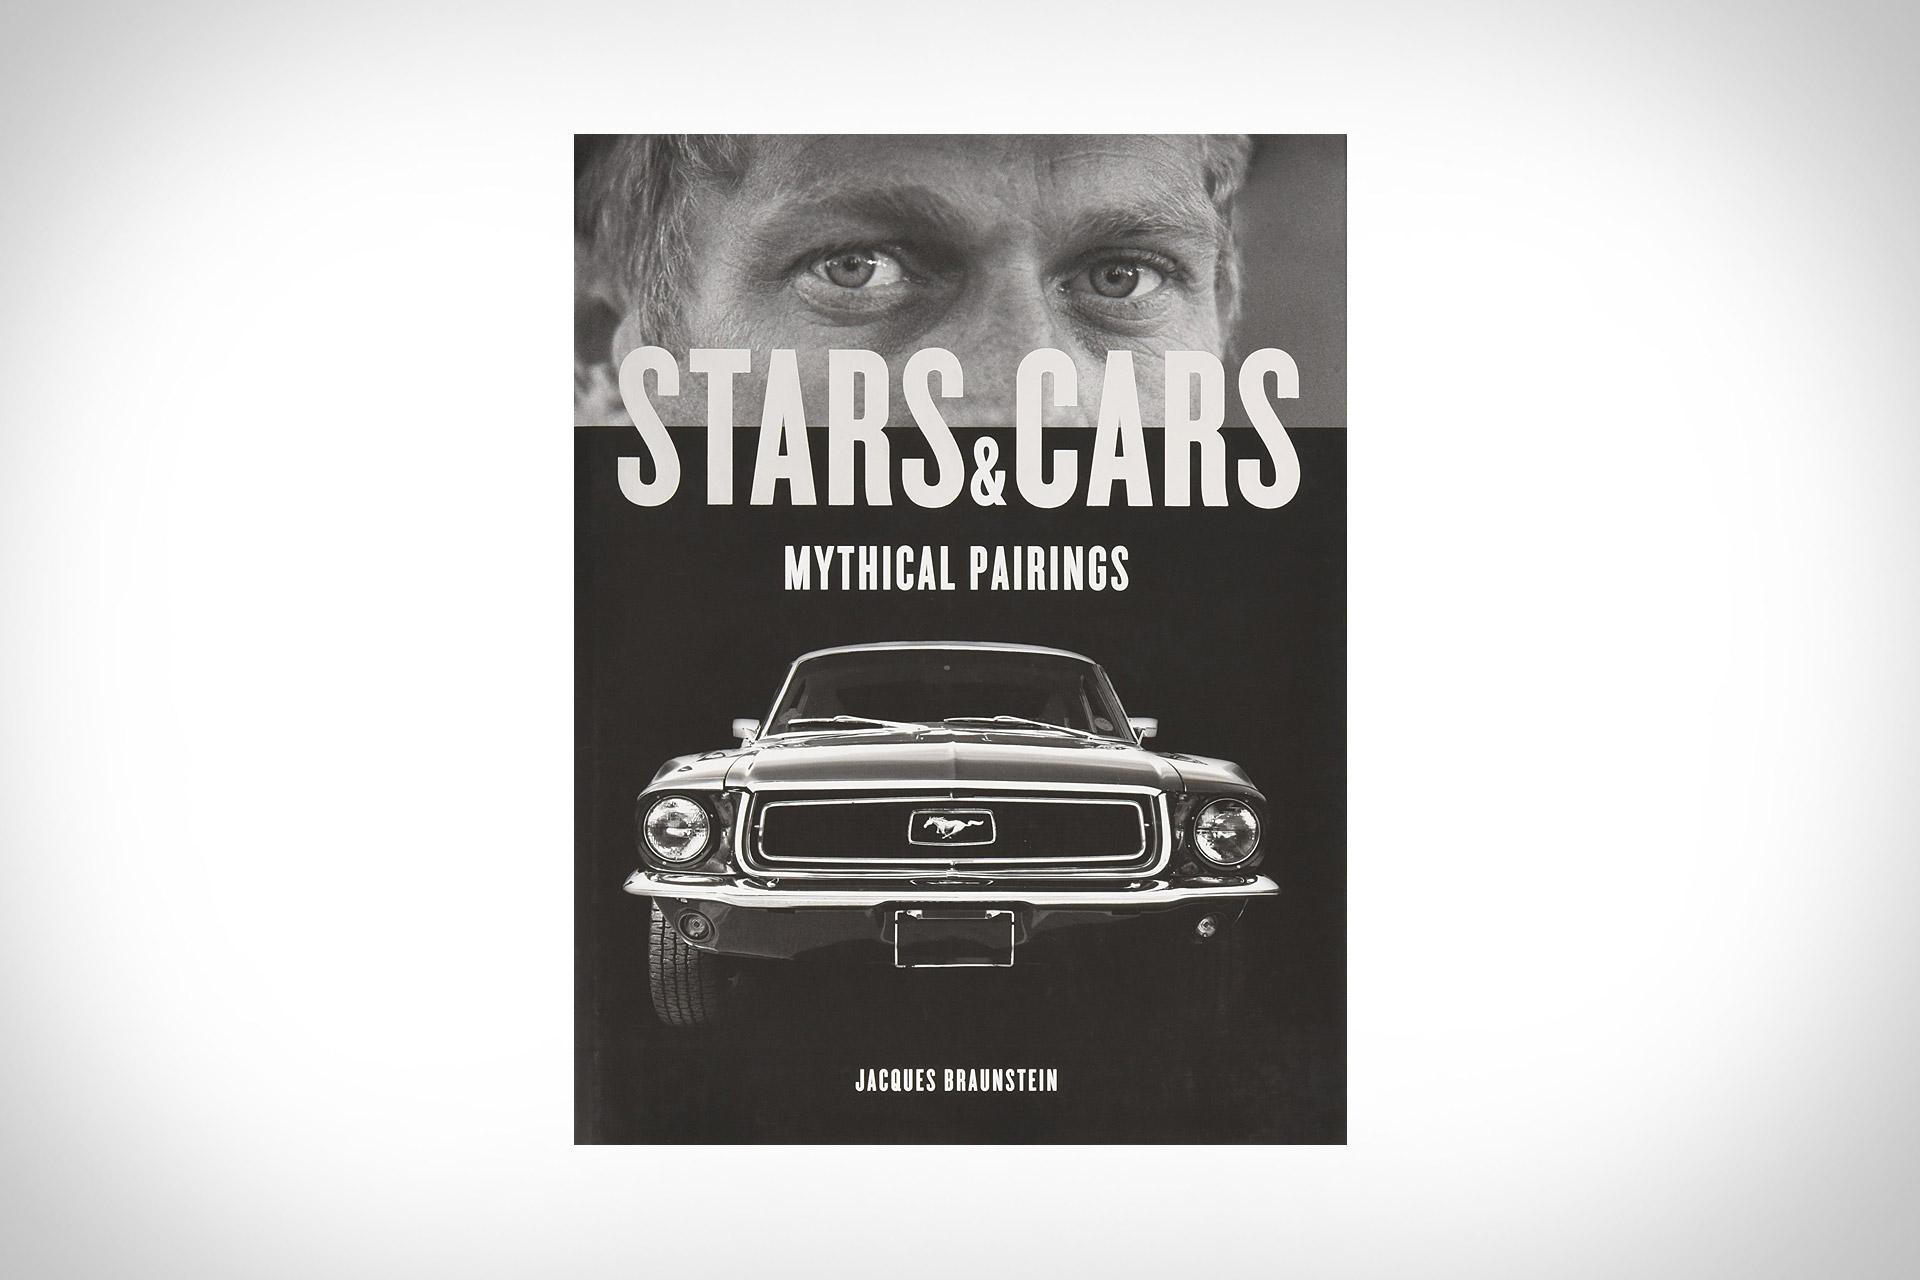 Le Livre Stars & Cars